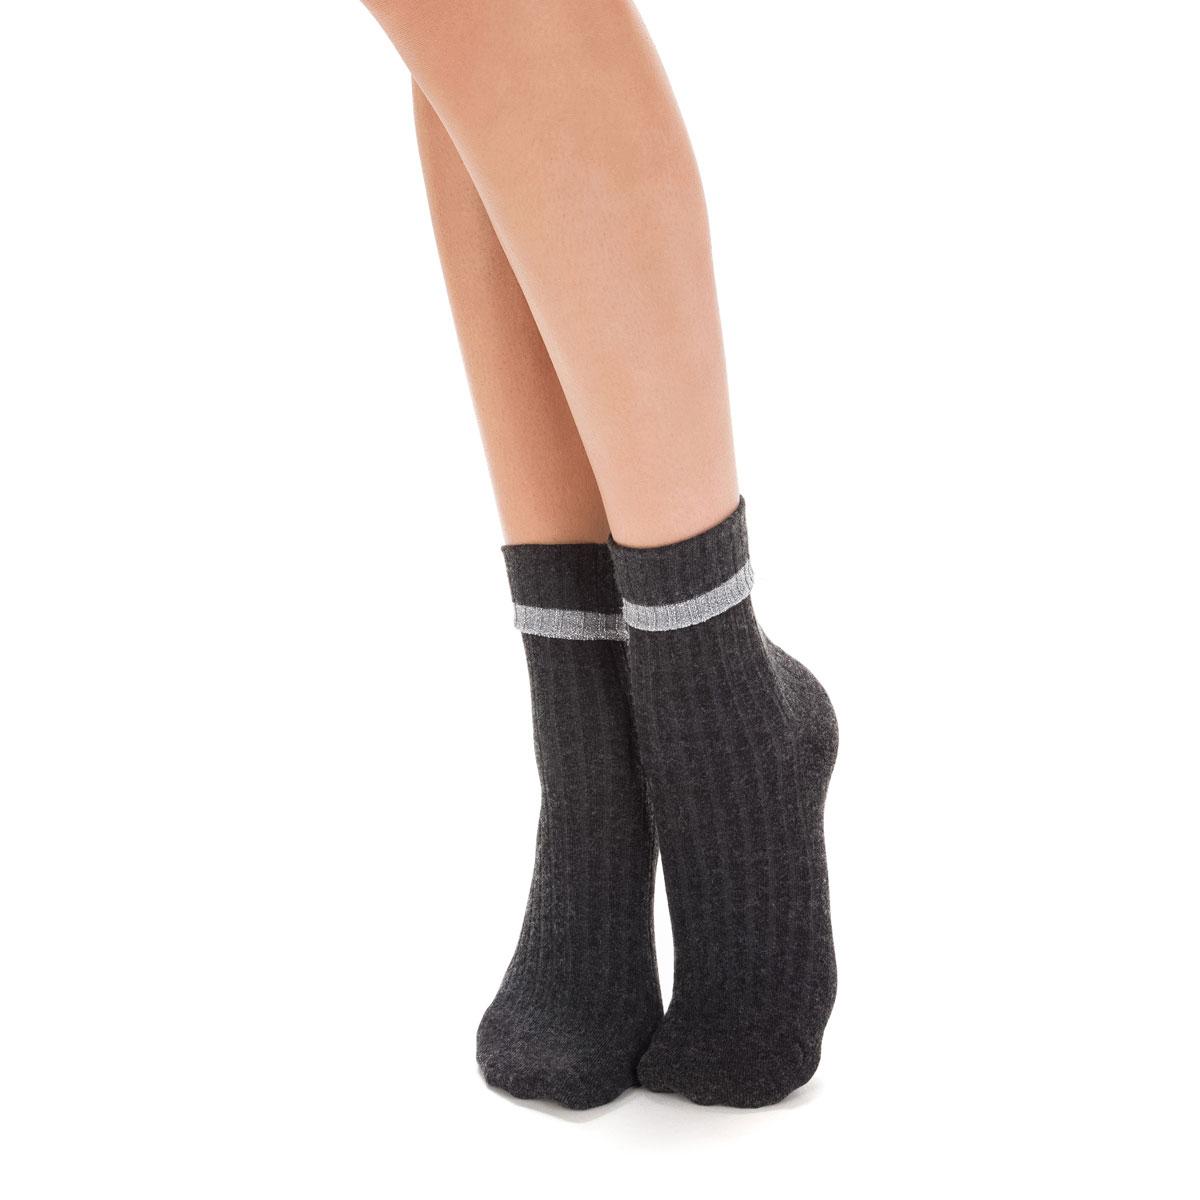 Socquettes anthracite en laine à revers brillant Femme